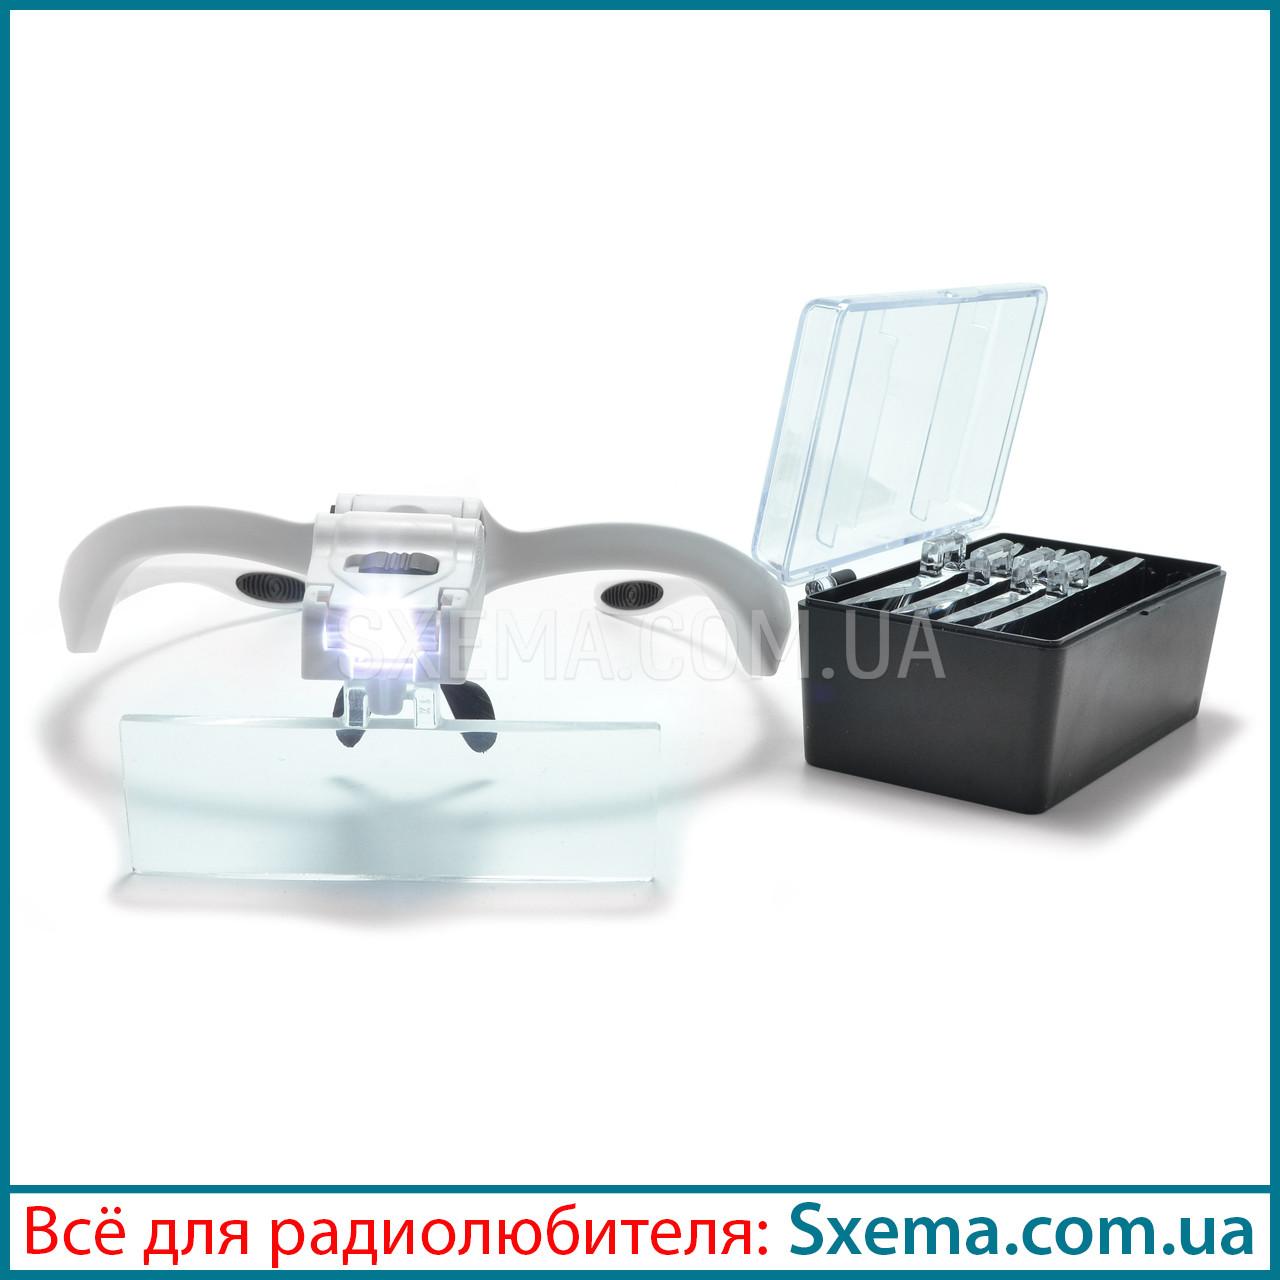 Бинокулярные лупы очки 9892BP (1.0x-3.5x) c Led подсветкой